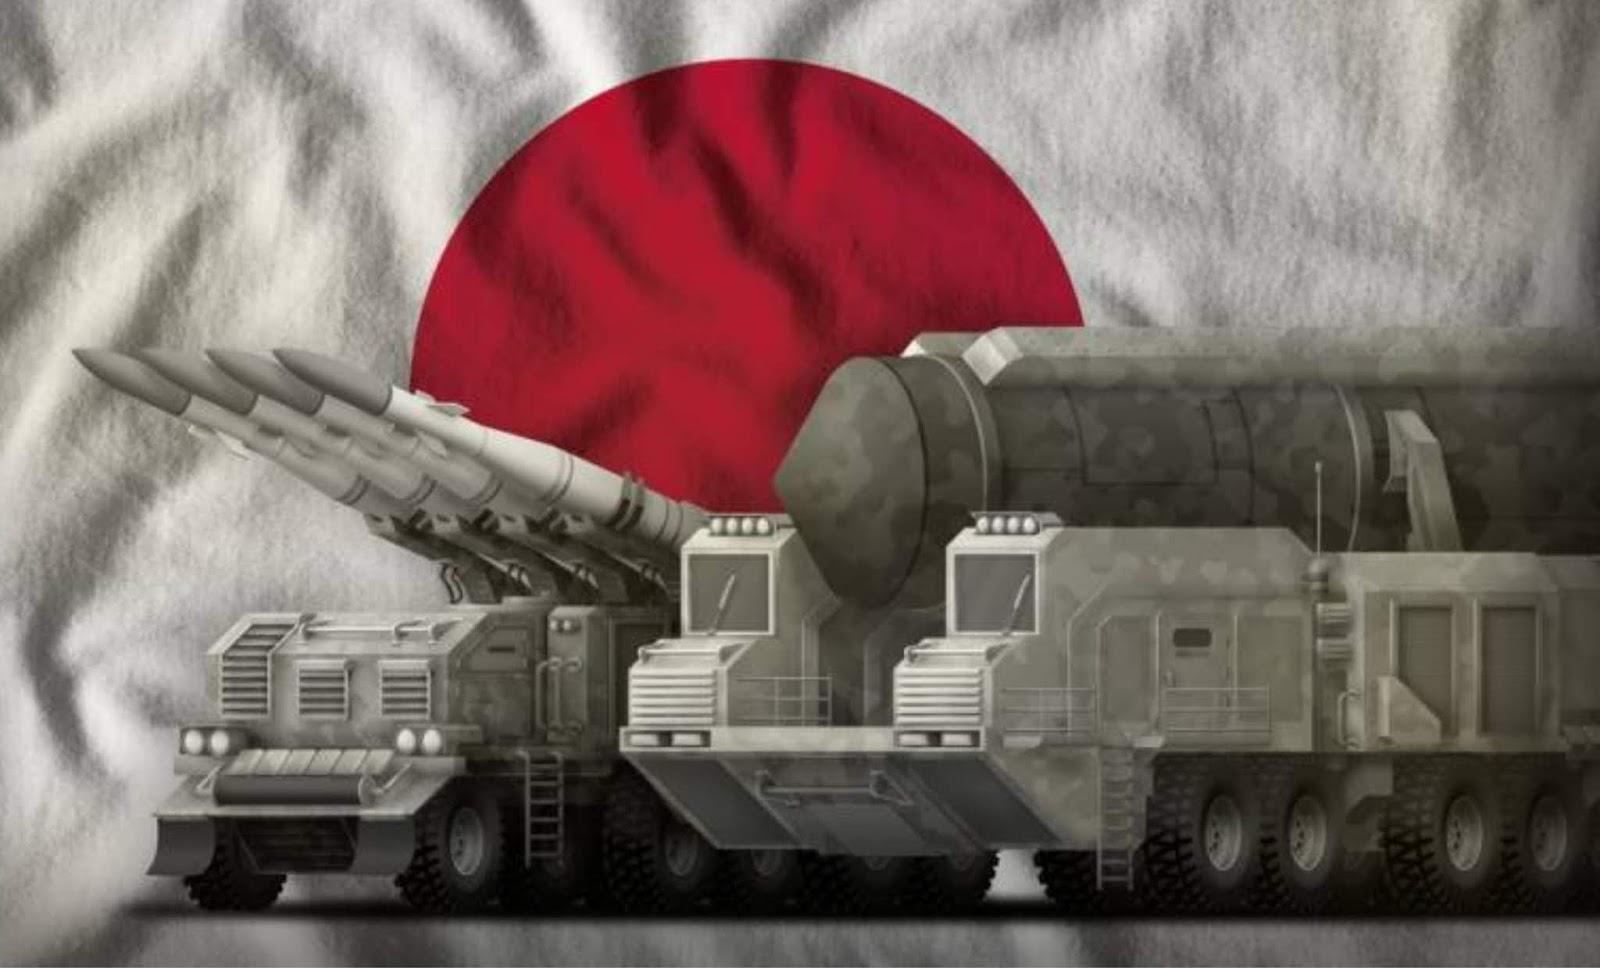 Jepang mulai mengembangkan rudal hipersonik